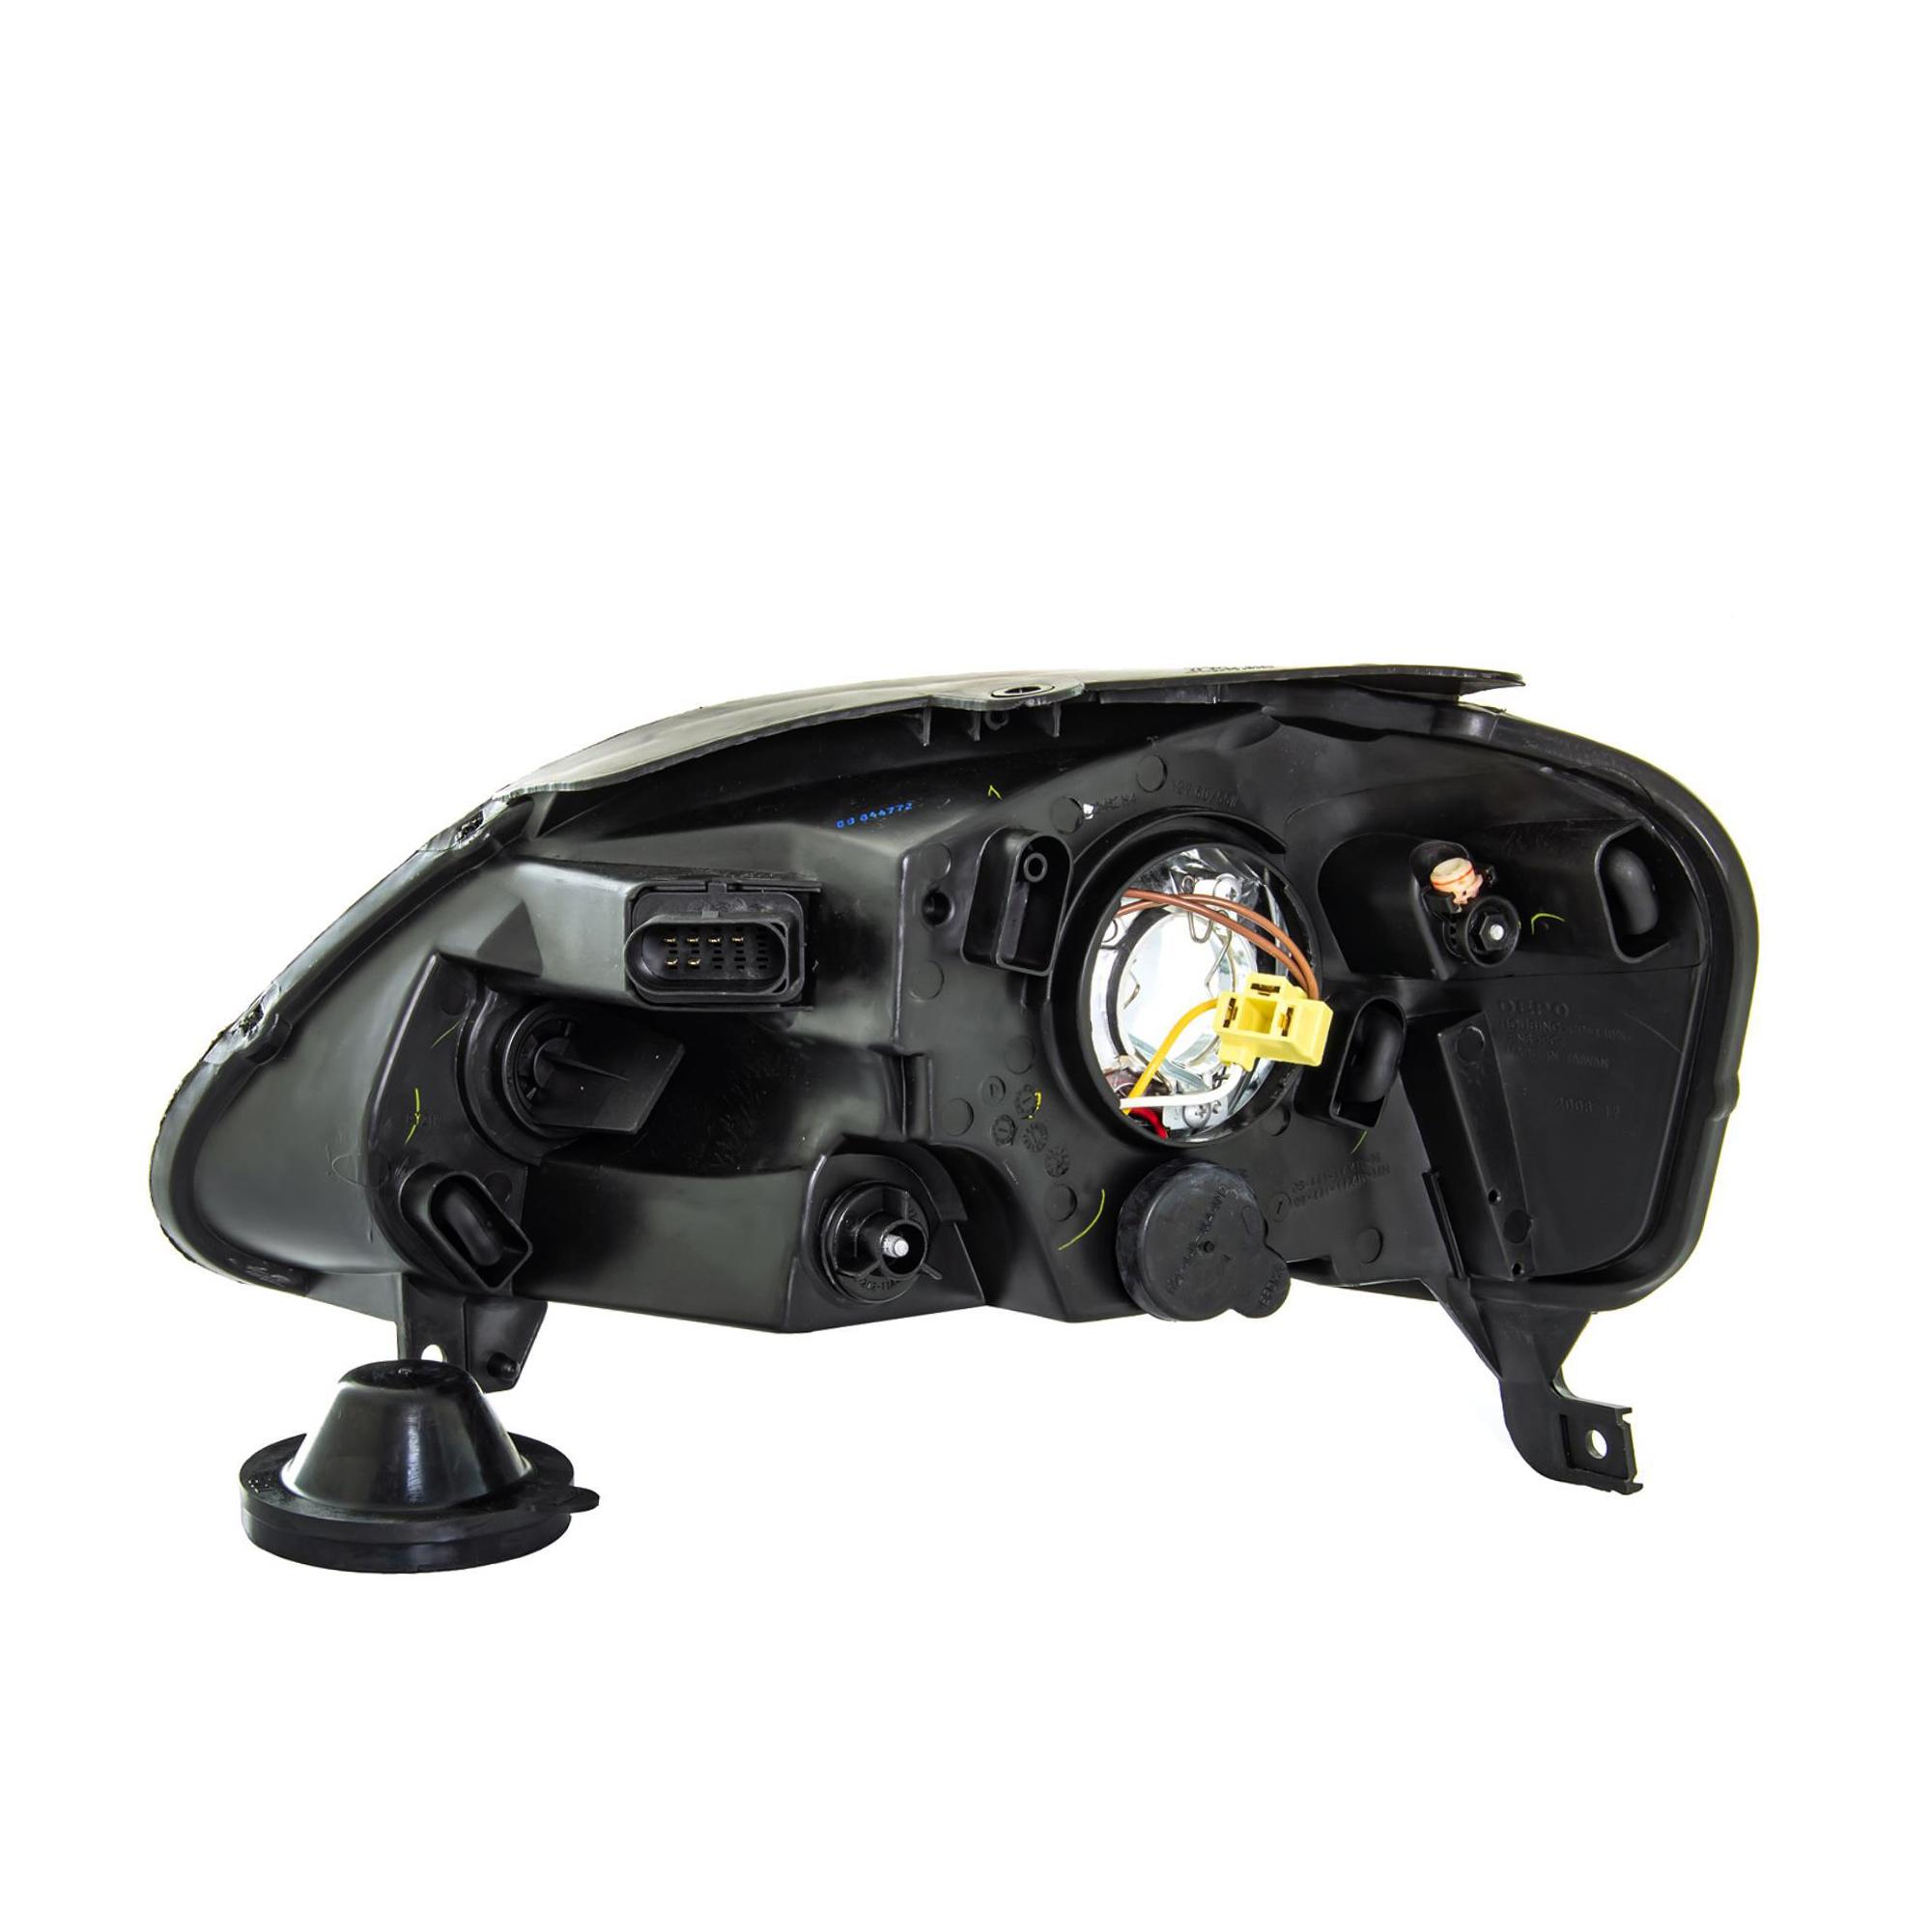 scheinwerfer rechts vw volkswagen fox typ 5z bj 05 07 h4. Black Bedroom Furniture Sets. Home Design Ideas